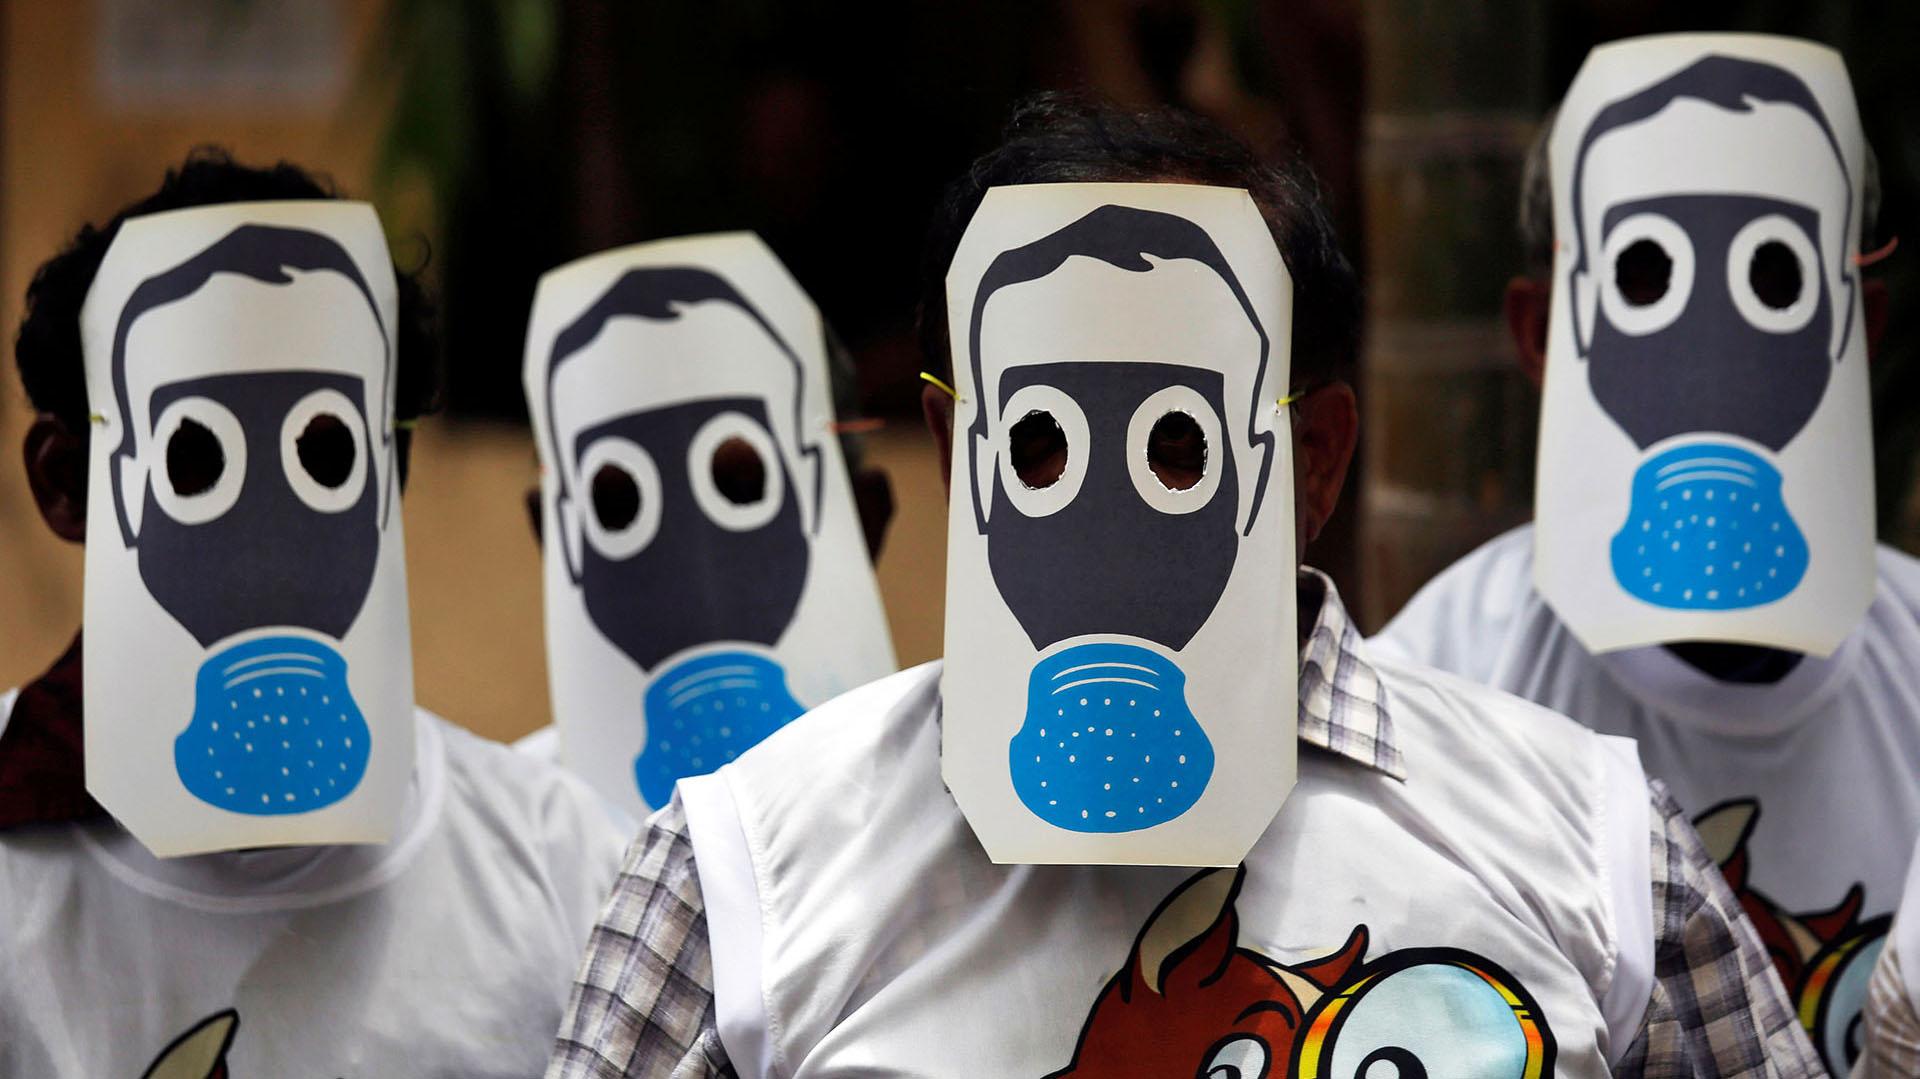 Manifestantes protestan contra la contaminación ambiental con máscaras que simulan máscaras de gas, en el Día Mundial del Medio Ambiente en Mumbai, India (REUTERS/Francis Mascarenhas)